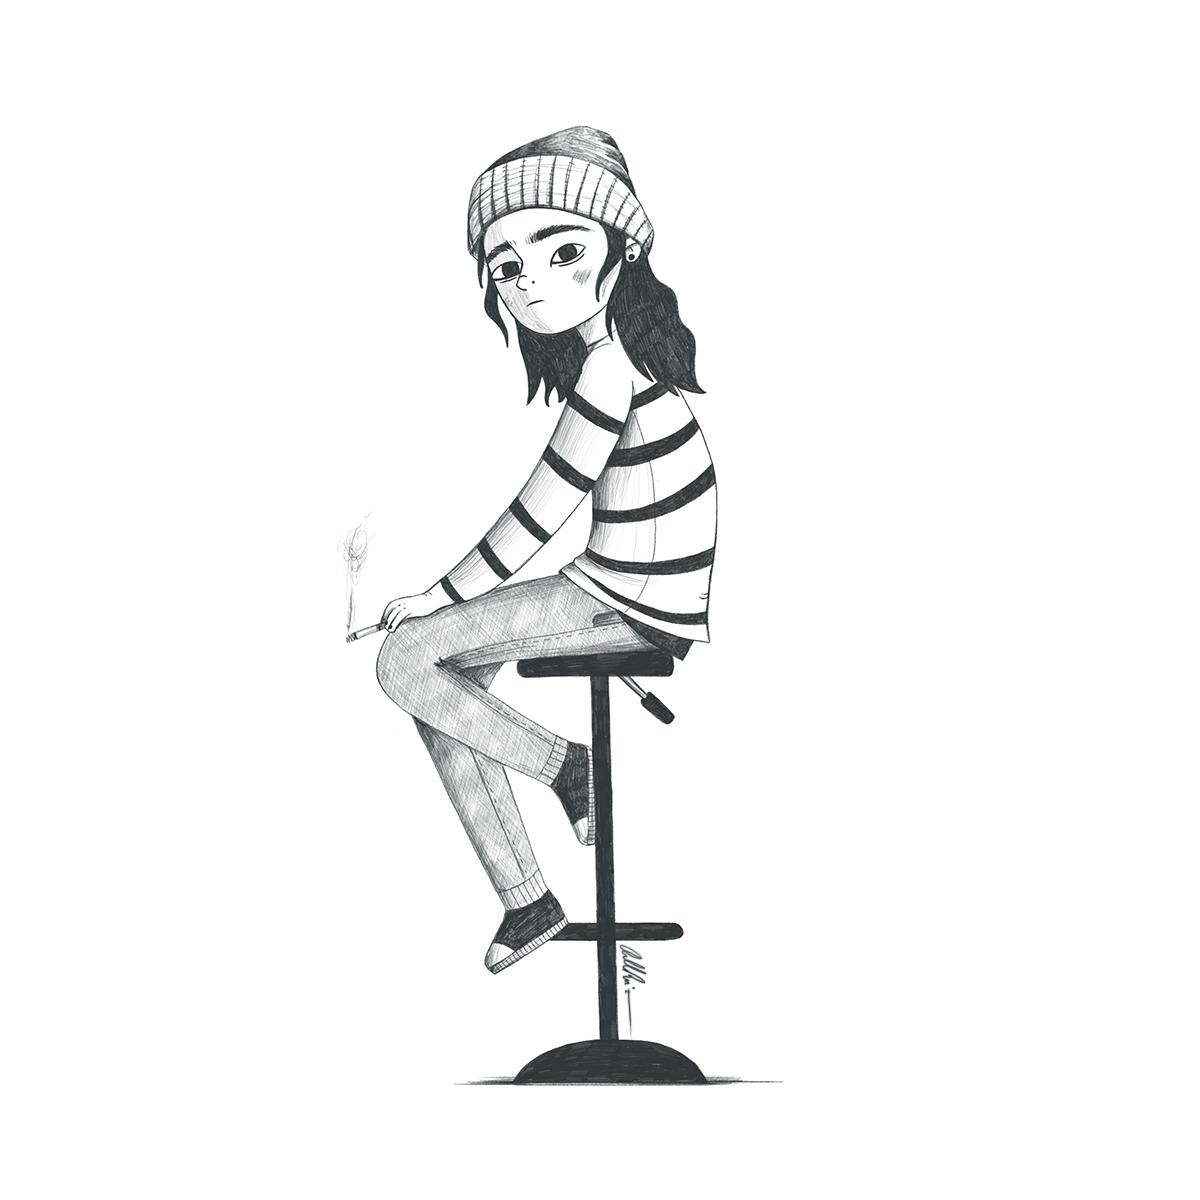 Chica sentada en banqueta alta fumando y mirando con cara borde